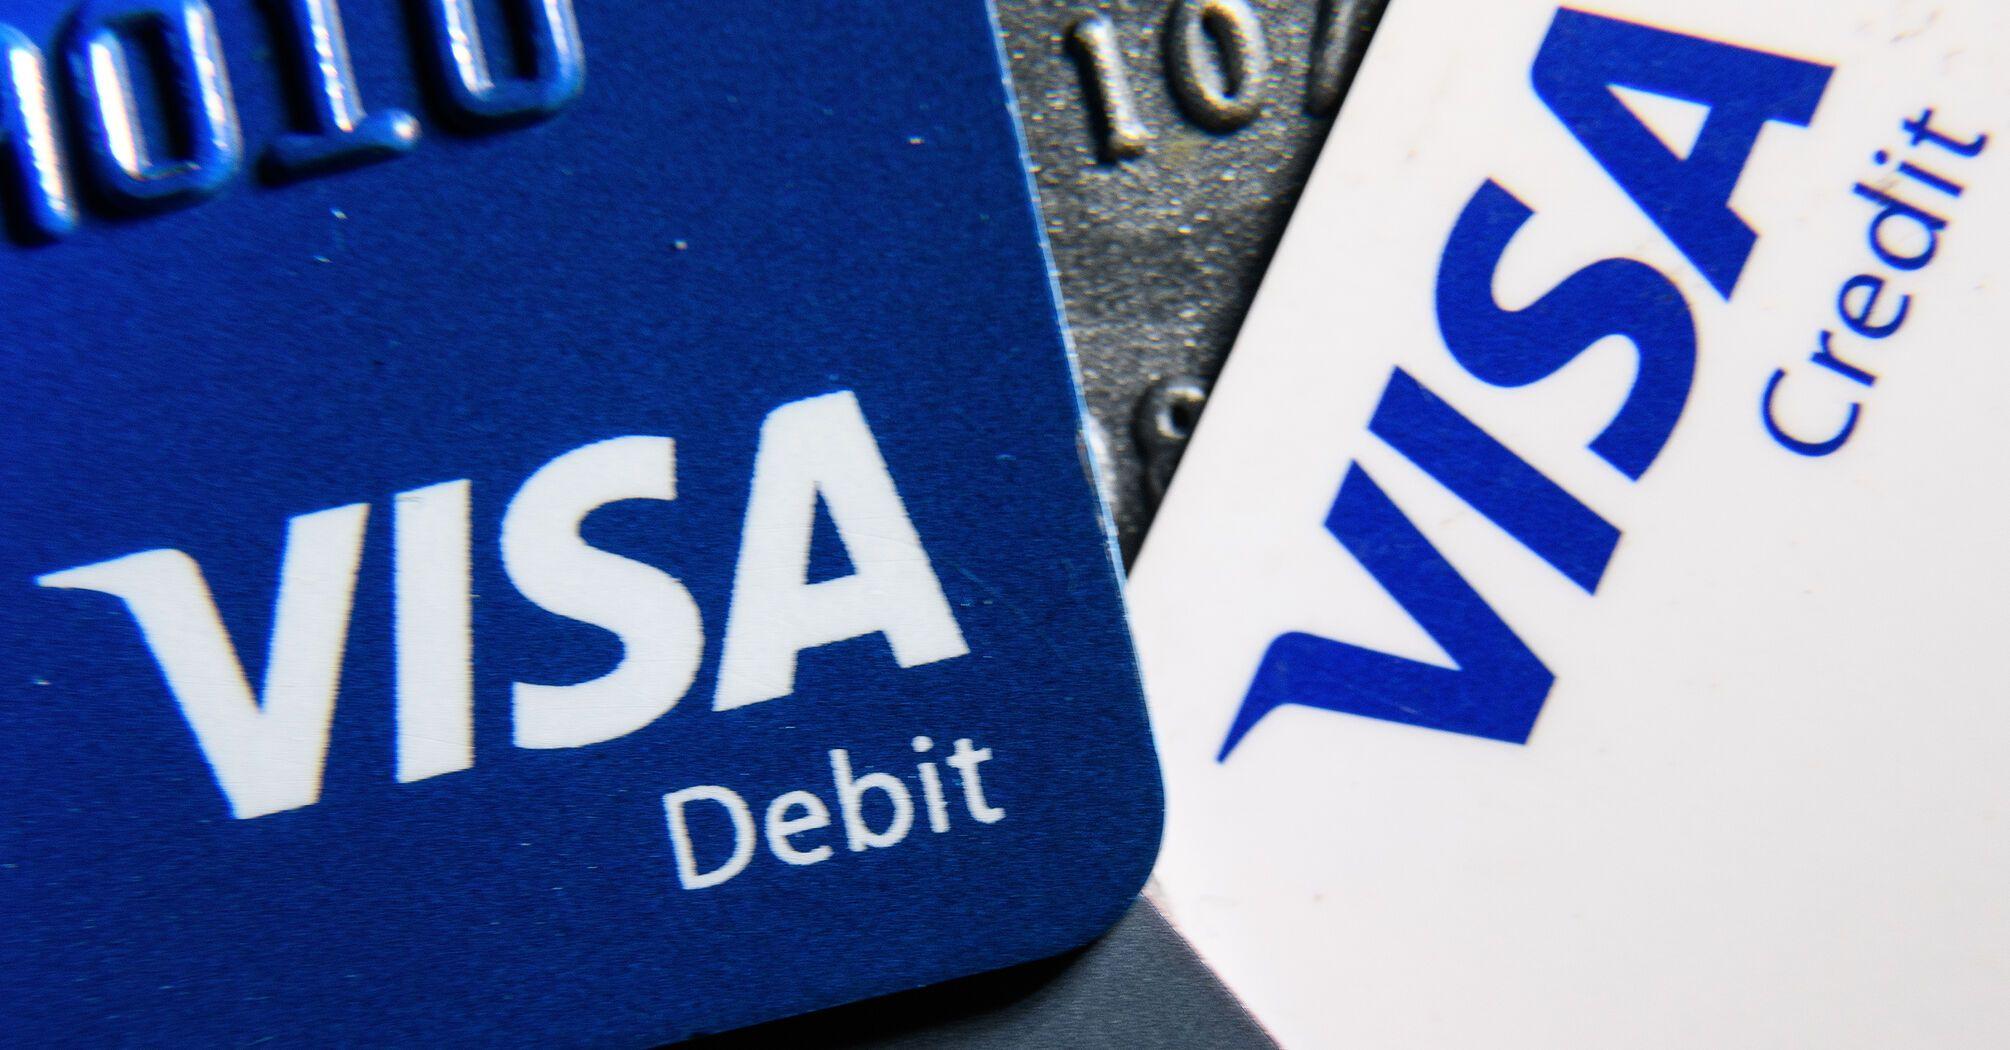 Visa купує компанію відкритого банкінгу за 1,8 млрд євро